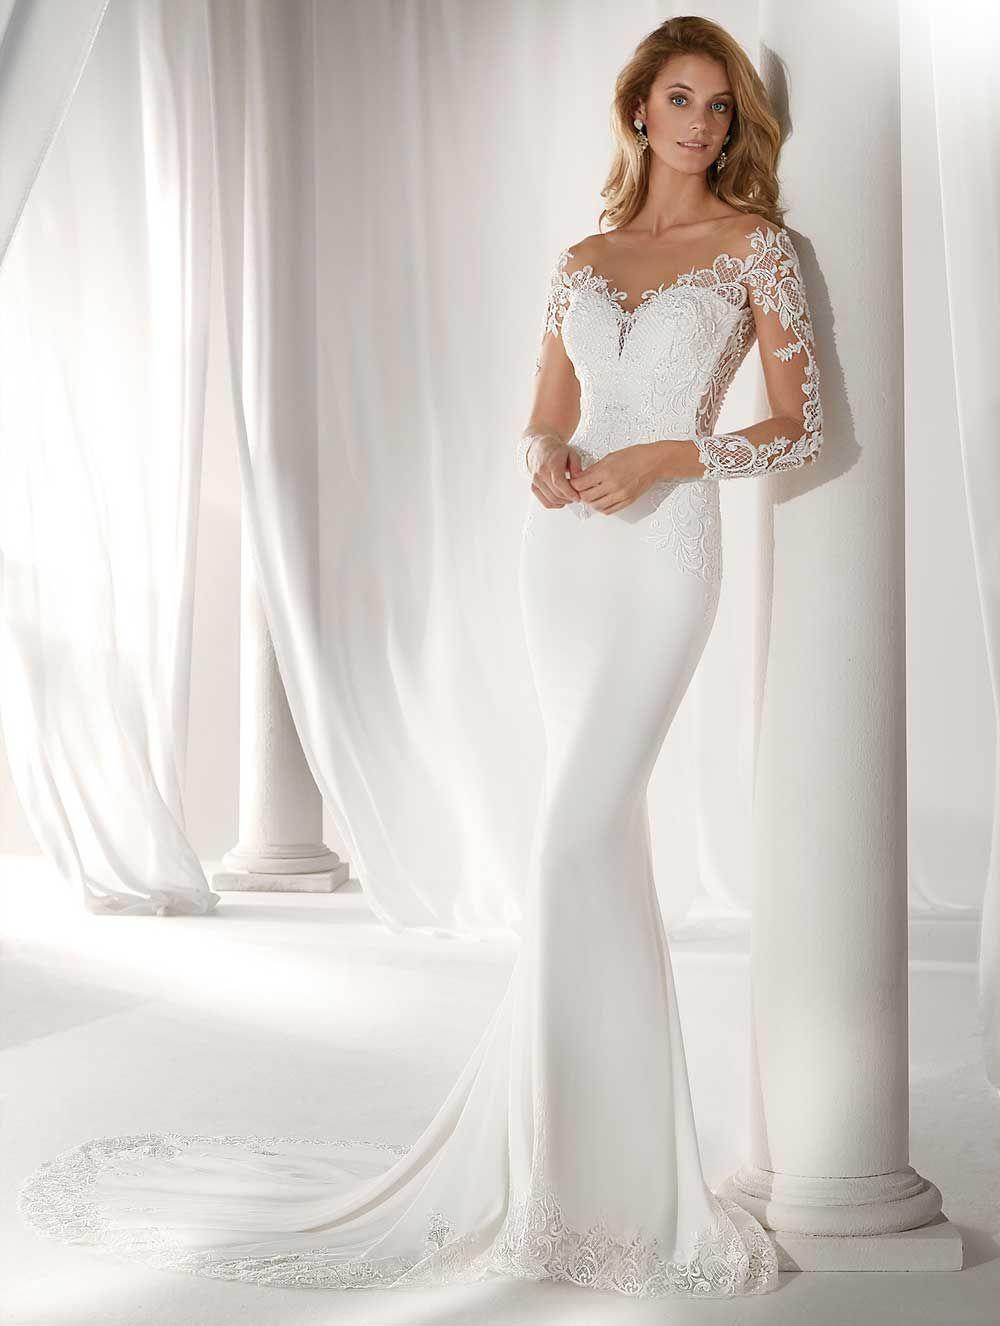 Vestiti Da Sposa Costo.Nicole Spose 2020 Intera Collezione Abiti E Prezzi Abiti Da